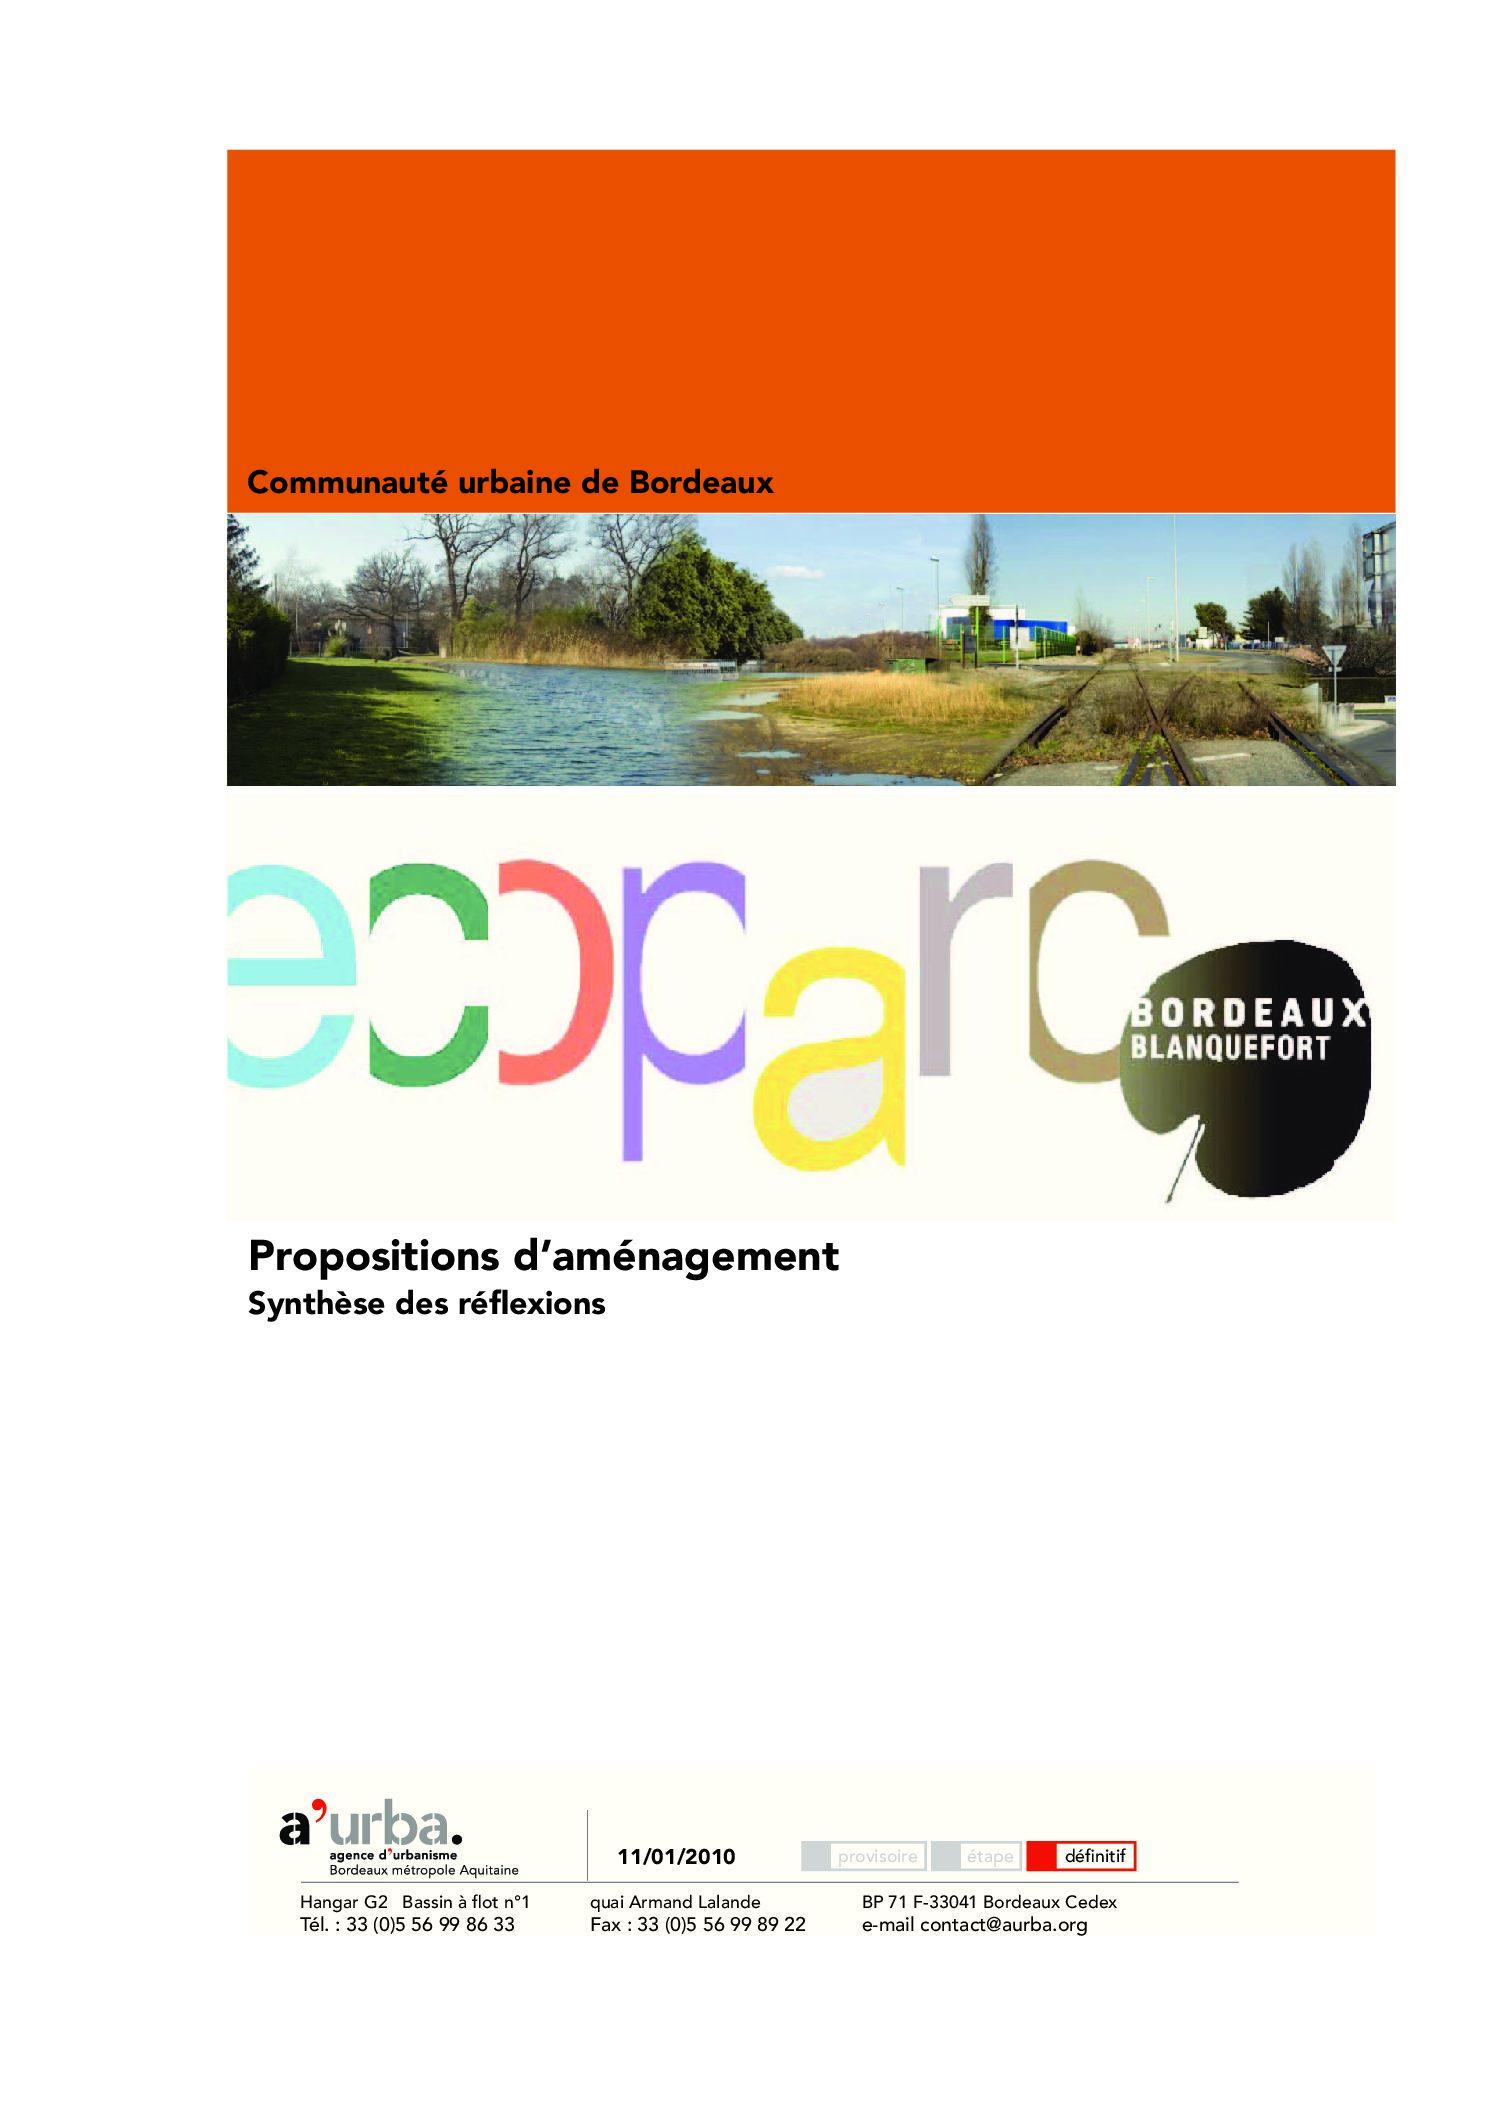 Ecoparc propositions d 39 am nagement a 39 urba agence d for Agence urbanisme paysage bordeaux